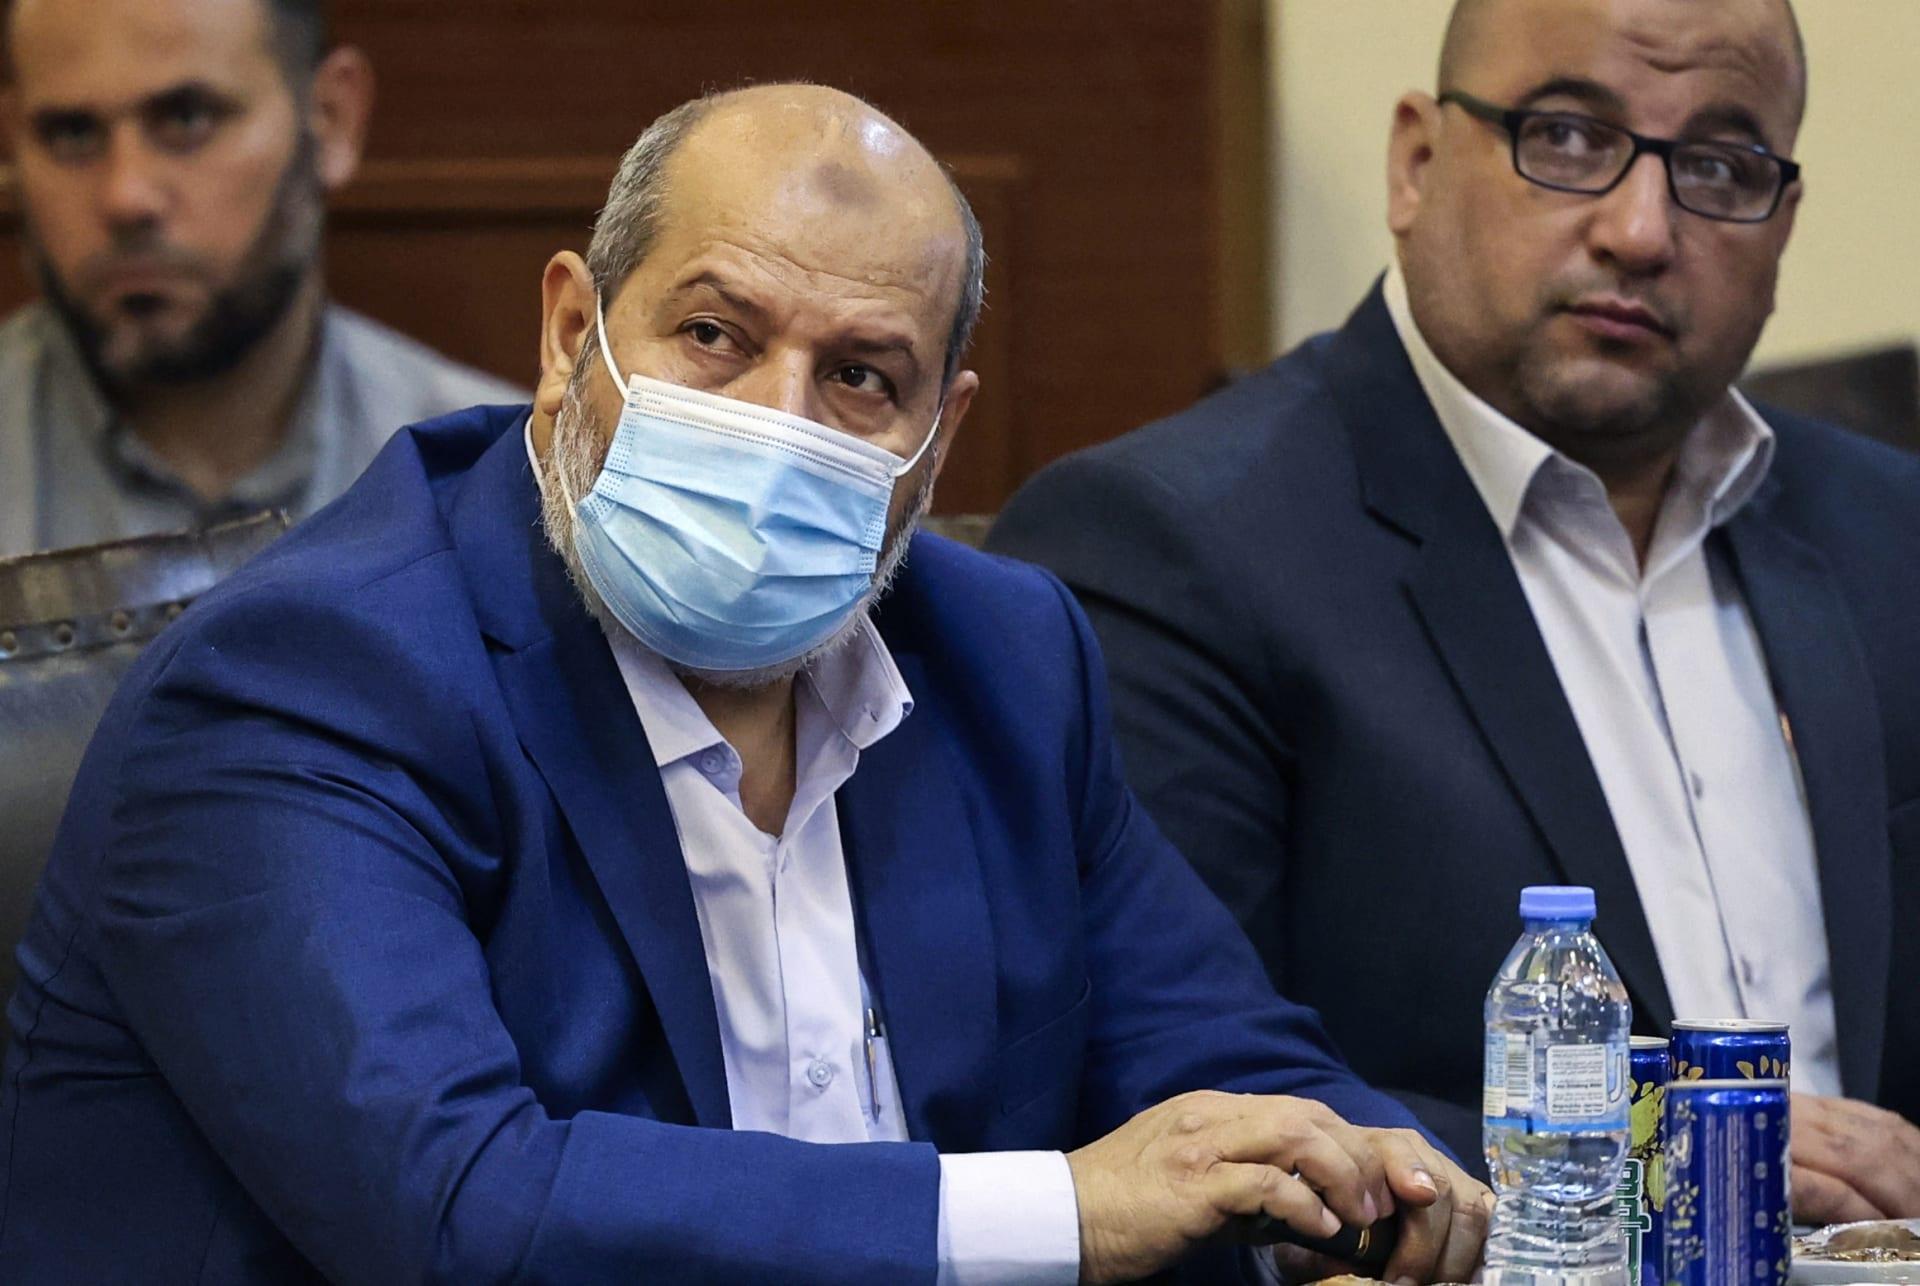 خليل الحية يرتدي الكمامة خلال مشاركته بمؤتمر في غزة لدعم القدس